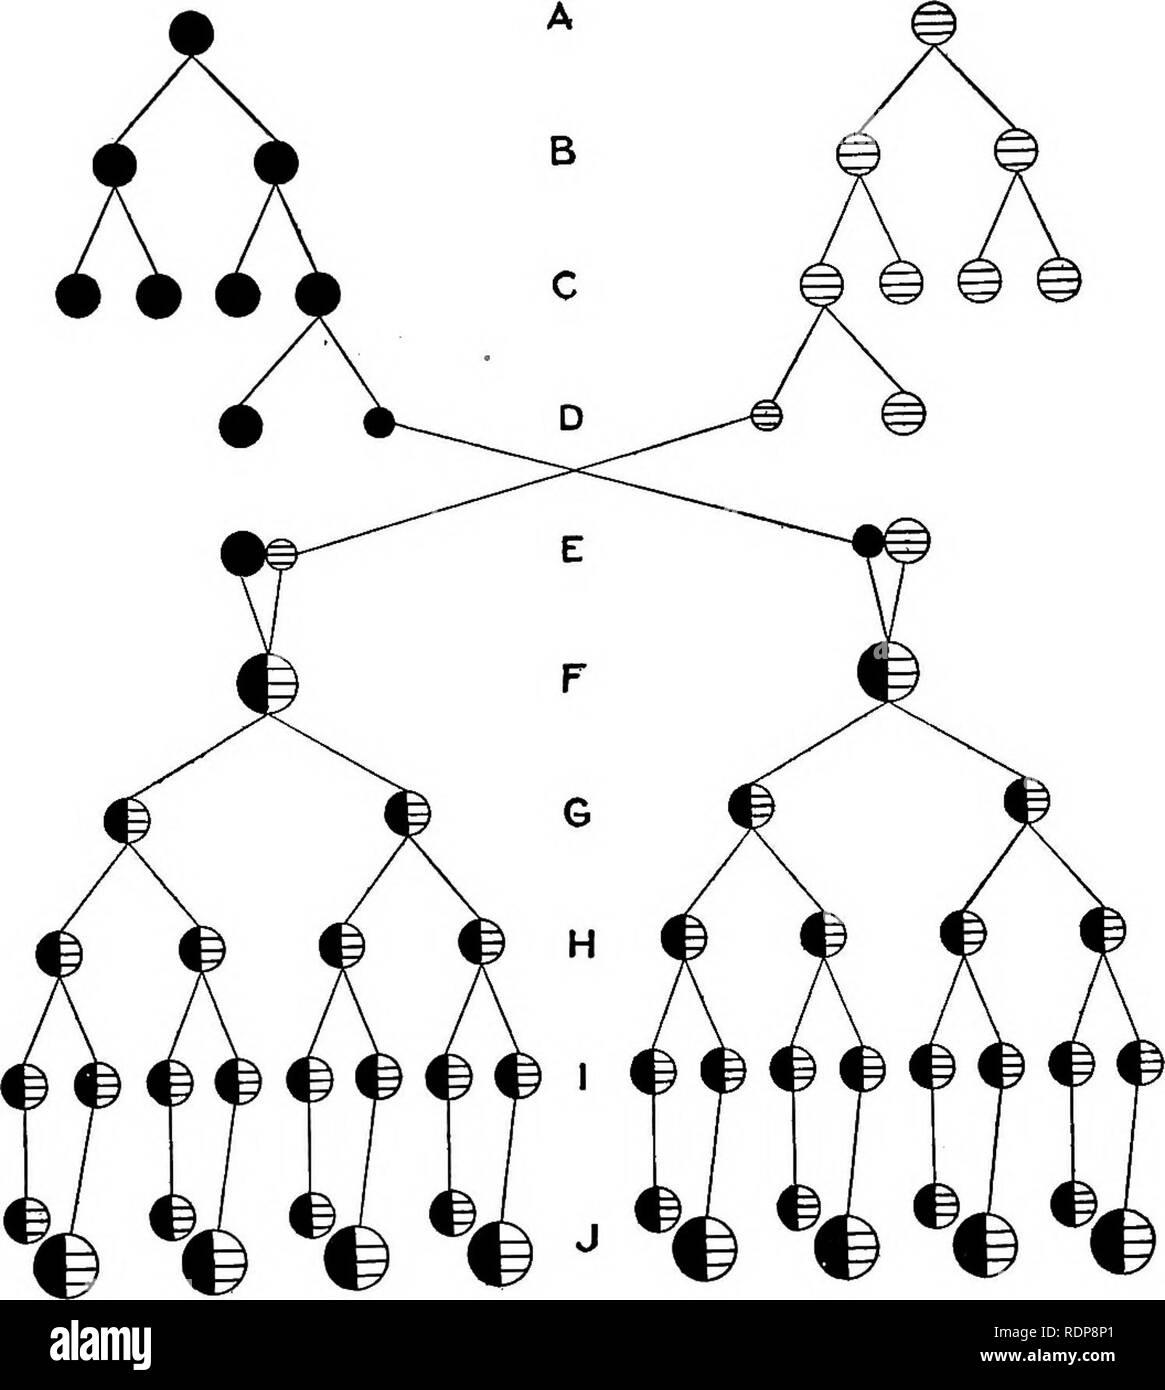 . Le mécanisme de l'hérédité mendélienne. L'hérédité de Mendel; droit; les chromosomes. L'hérédité dans les protozoaires 301 quatre noyaux de l'agrandir pour former, d'autres restent quatre macronoyaux comme de nouveaux noyaux. Alors l'individu se divise deux fois (Fig. 70). La macro-. Fig. 71.-^Diagramme illustrant l'histoire de la formation de micronoyaux dans la conjugaison et de deux autres divisions de Paramoecium. noyaux et des micronoyaux ne divisez pas en ce moment, mais sont répartis également entre les deux premières personnes, et puis à la deuxième division deux rendez-vous. Veuillez noter que ces images sont extraites des images de la page numérisée Banque D'Images